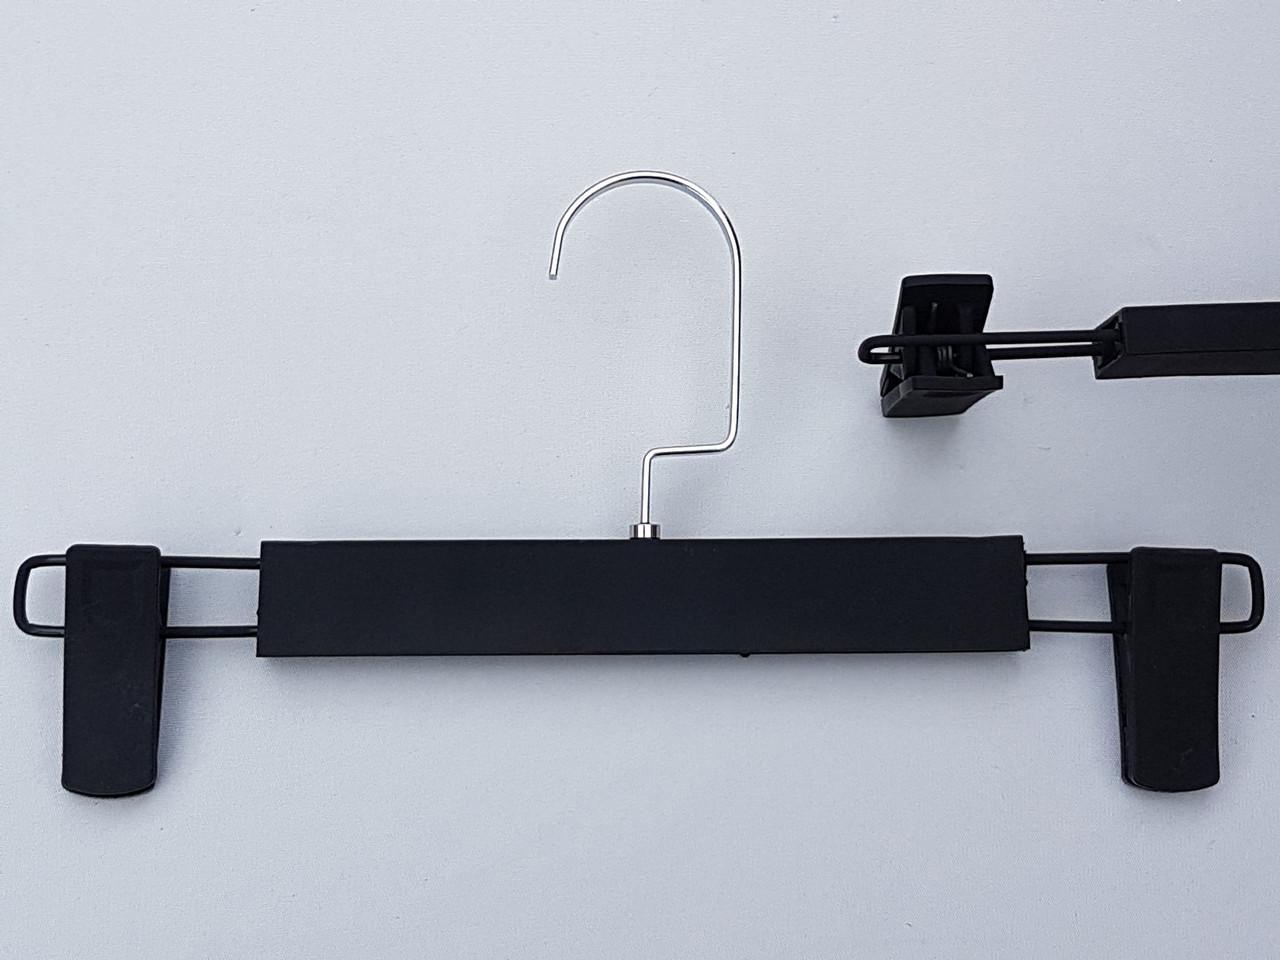 Довжина 32 см. Плічка вішалки пластмасові з прищіпками затискачами для брюк та спідниць з покриттям Soft-touch чорні